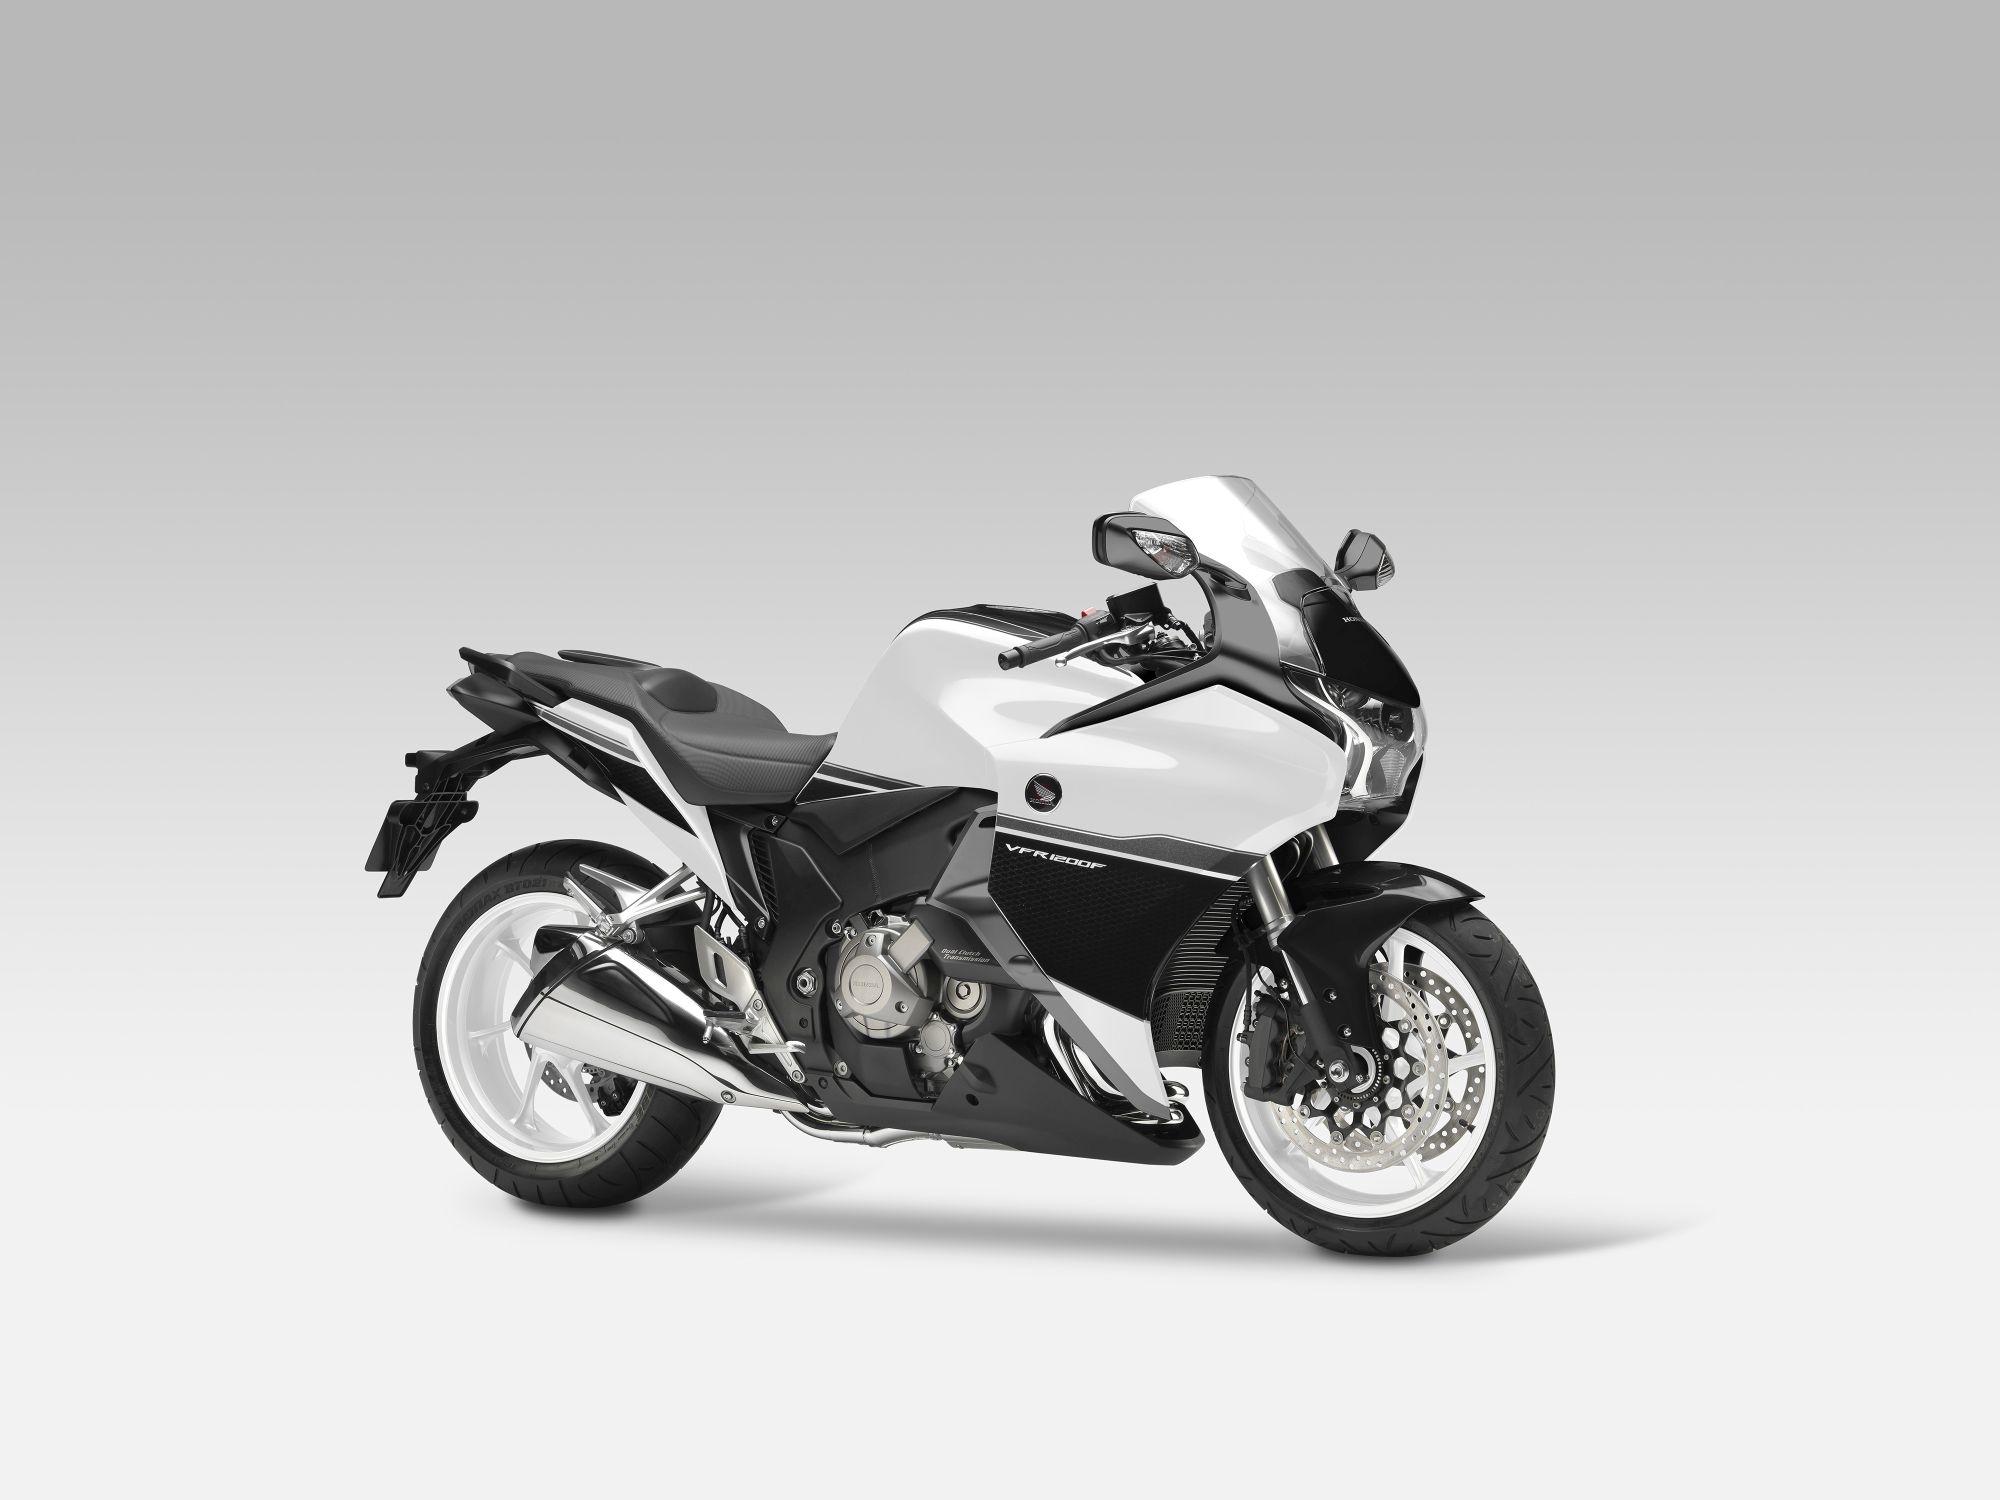 Honda VFR 1200 F Bilder und technische Daten